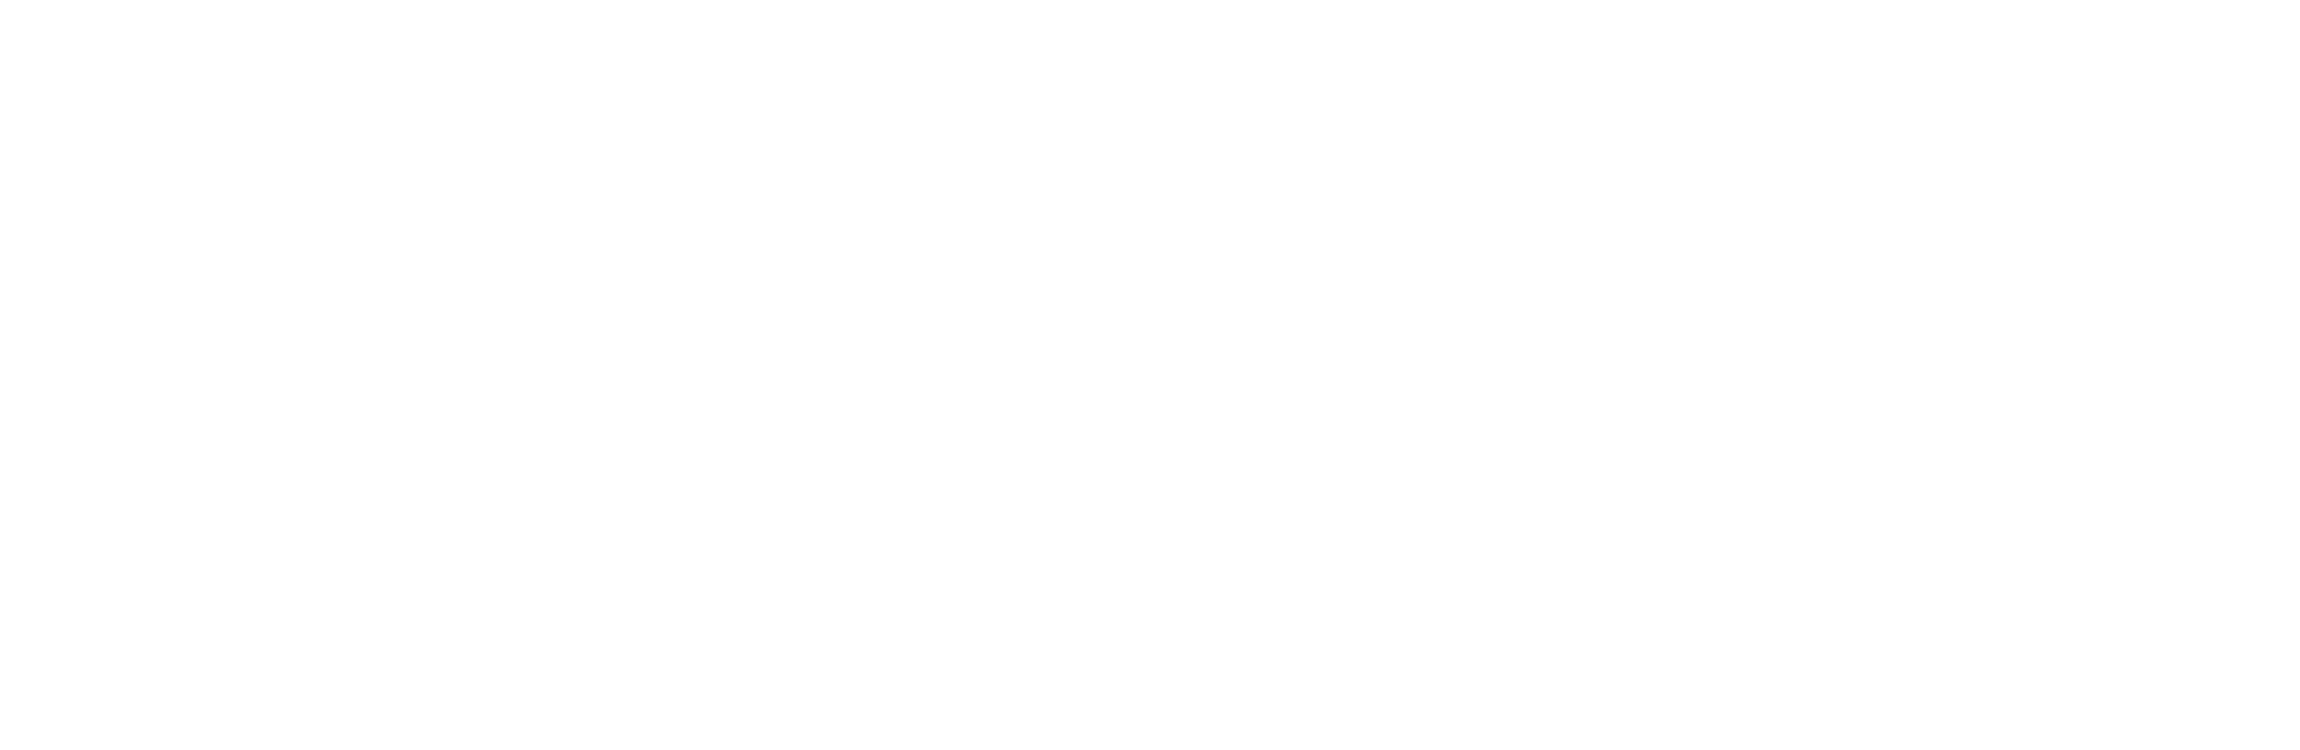 Drost Park Improvements - Juneau Associates, Inc , P C